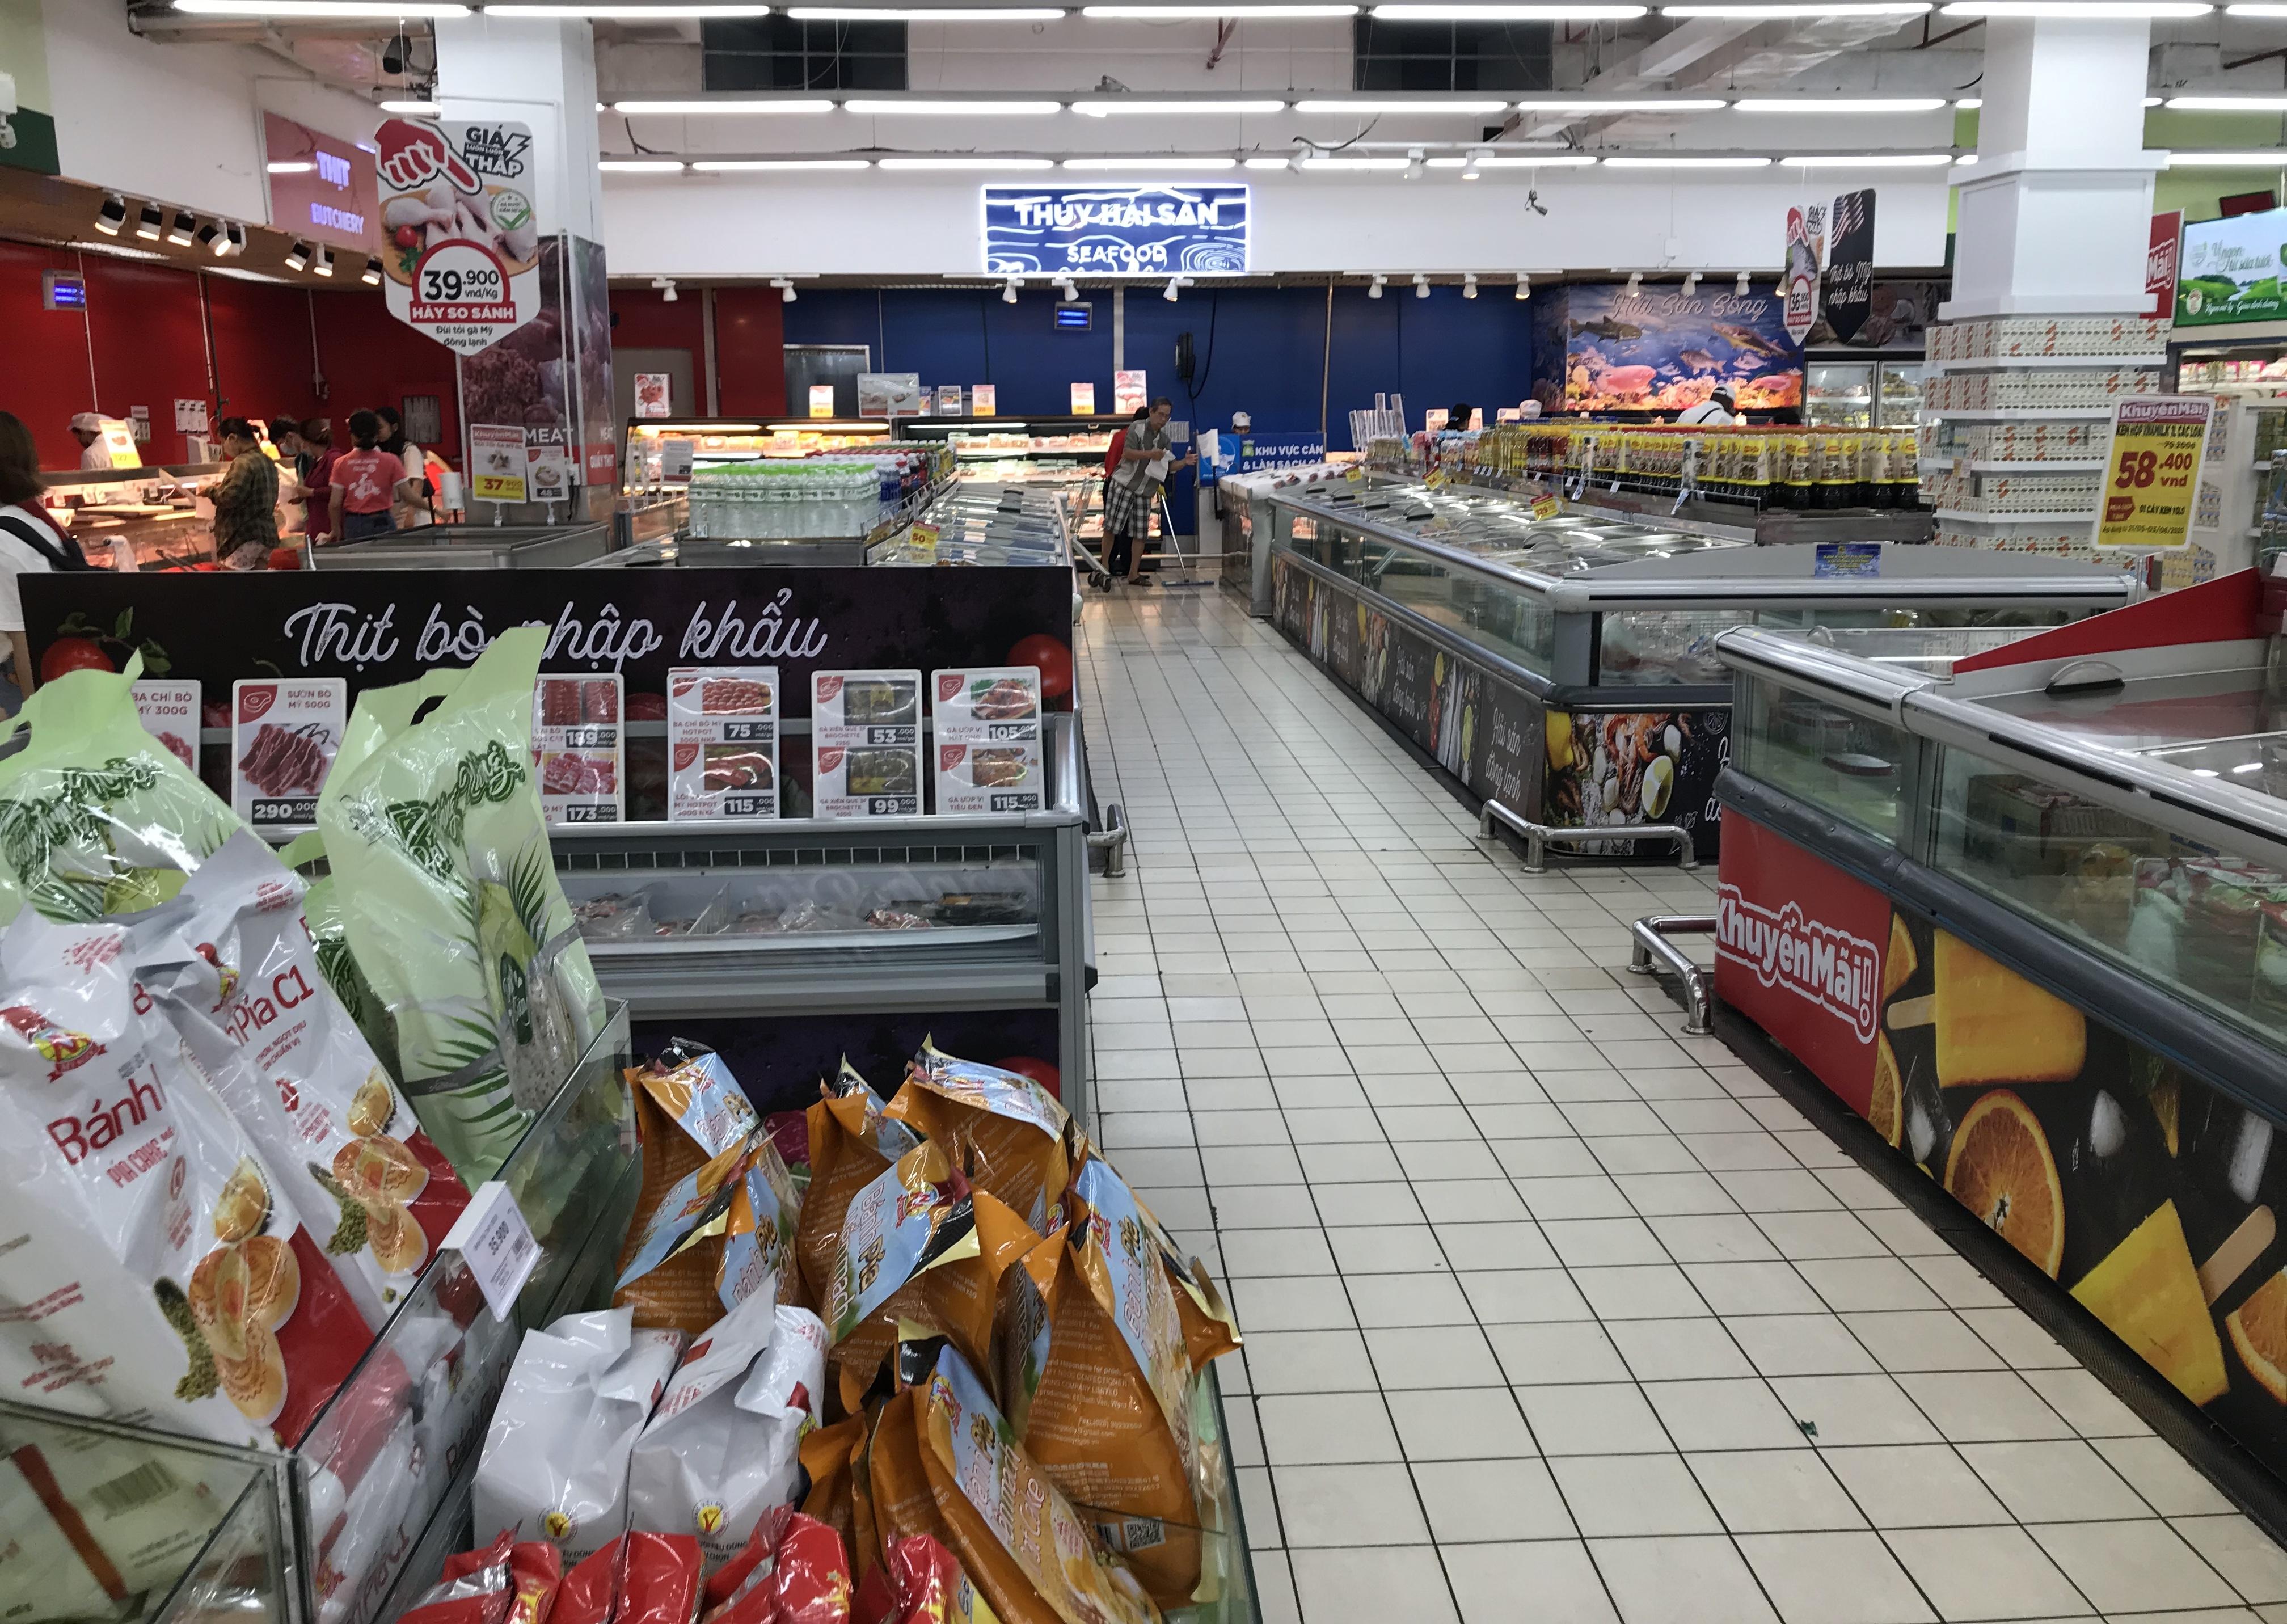 Big C miền Đông bất ngờ thông báo đóng cửa, người tiêu dùng sững sờ, siêu thị vắng lặng chiều nay - Ảnh 11.